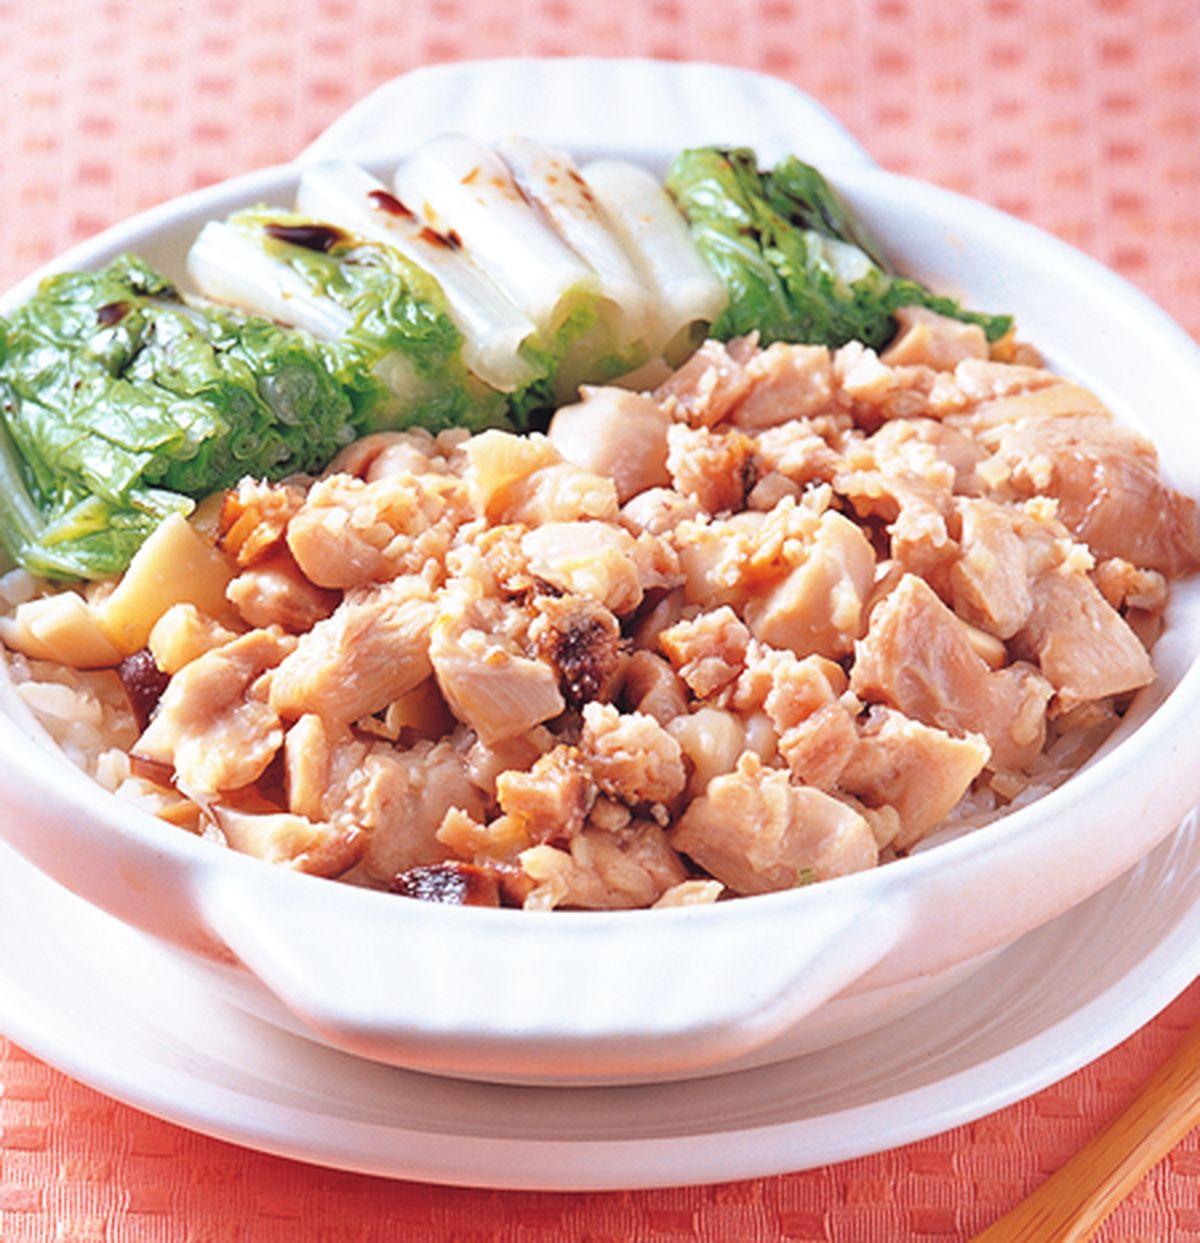 【食譜】鹹魚雞粒煲飯:www.ytower.com.tw